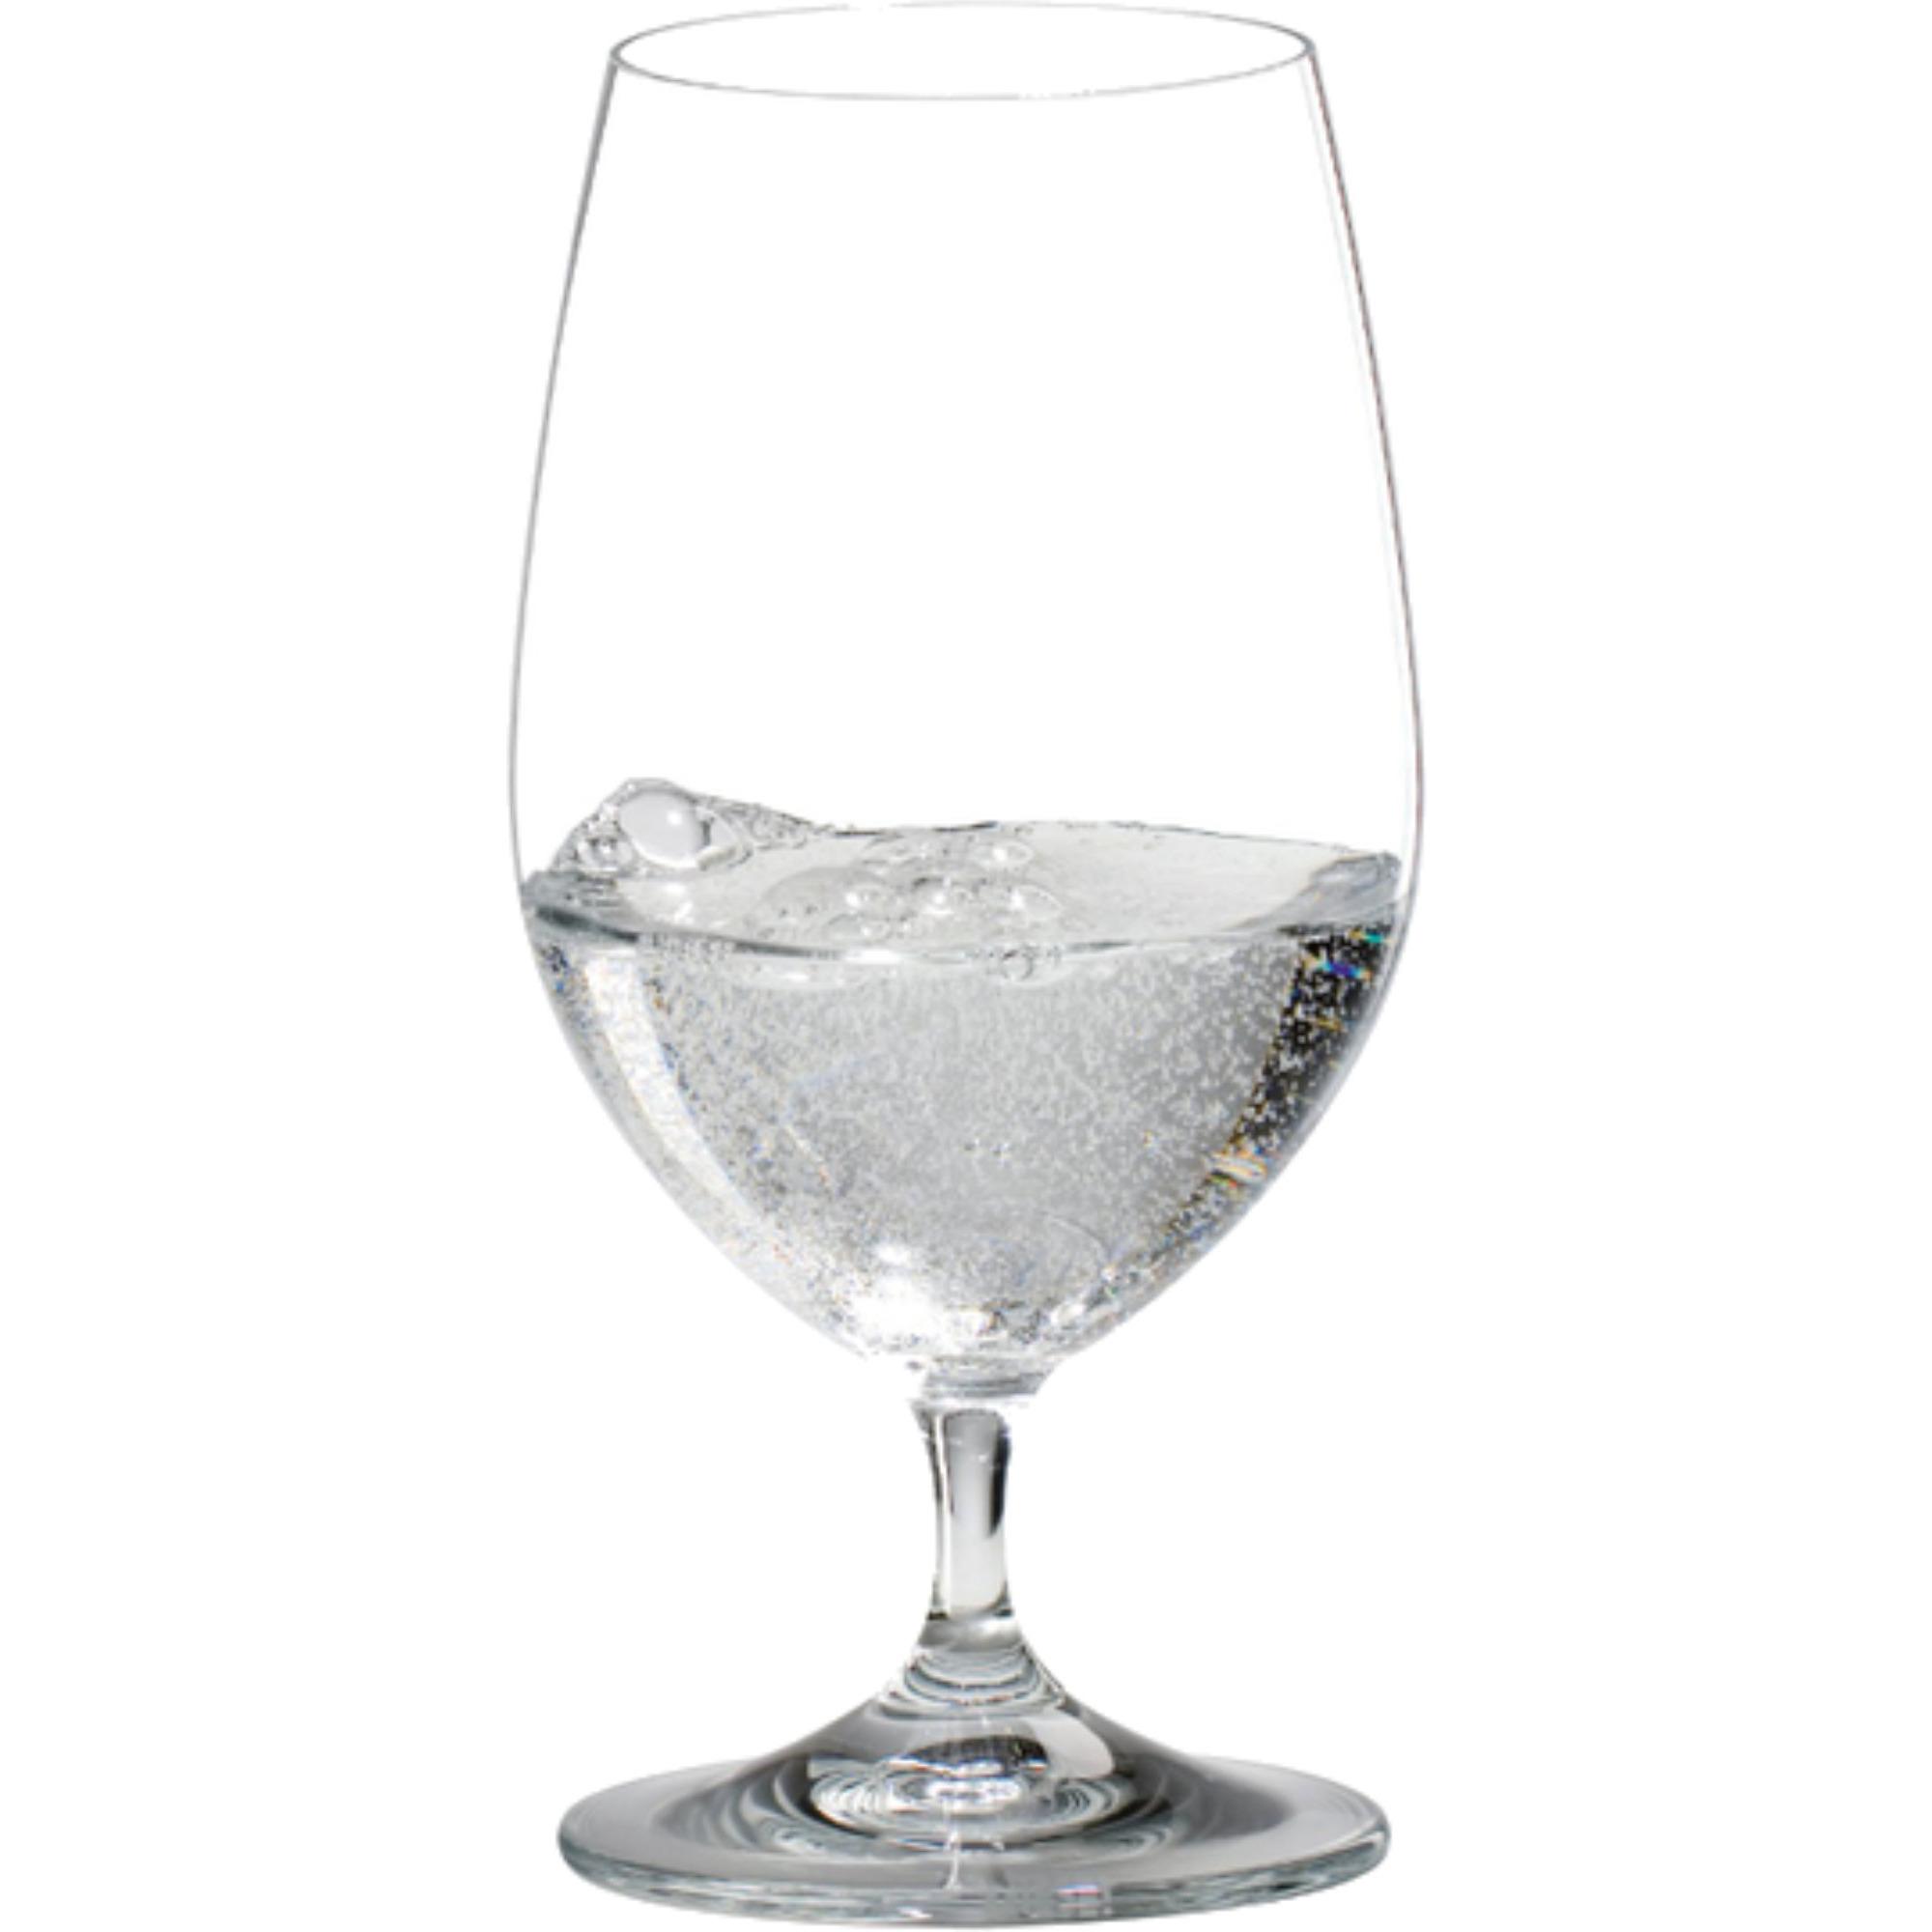 Riedel Vinum Gourmetglas 37 cl 2-pack